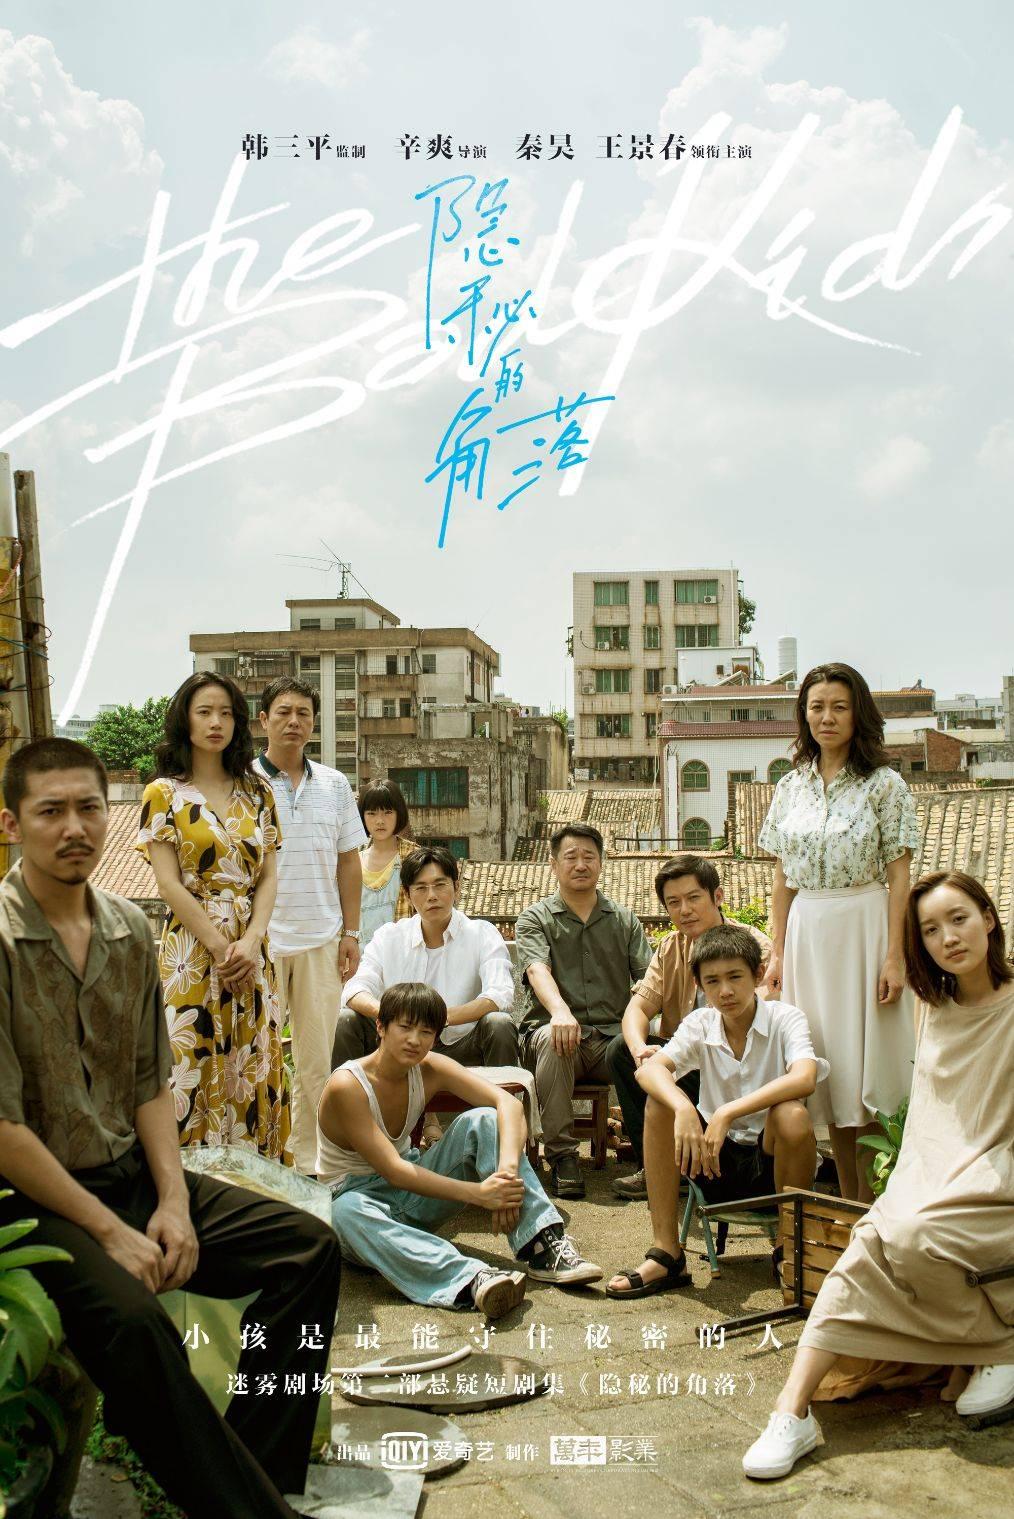 2020搜狐时尚盛典年度国剧提名:《隐秘的角落》